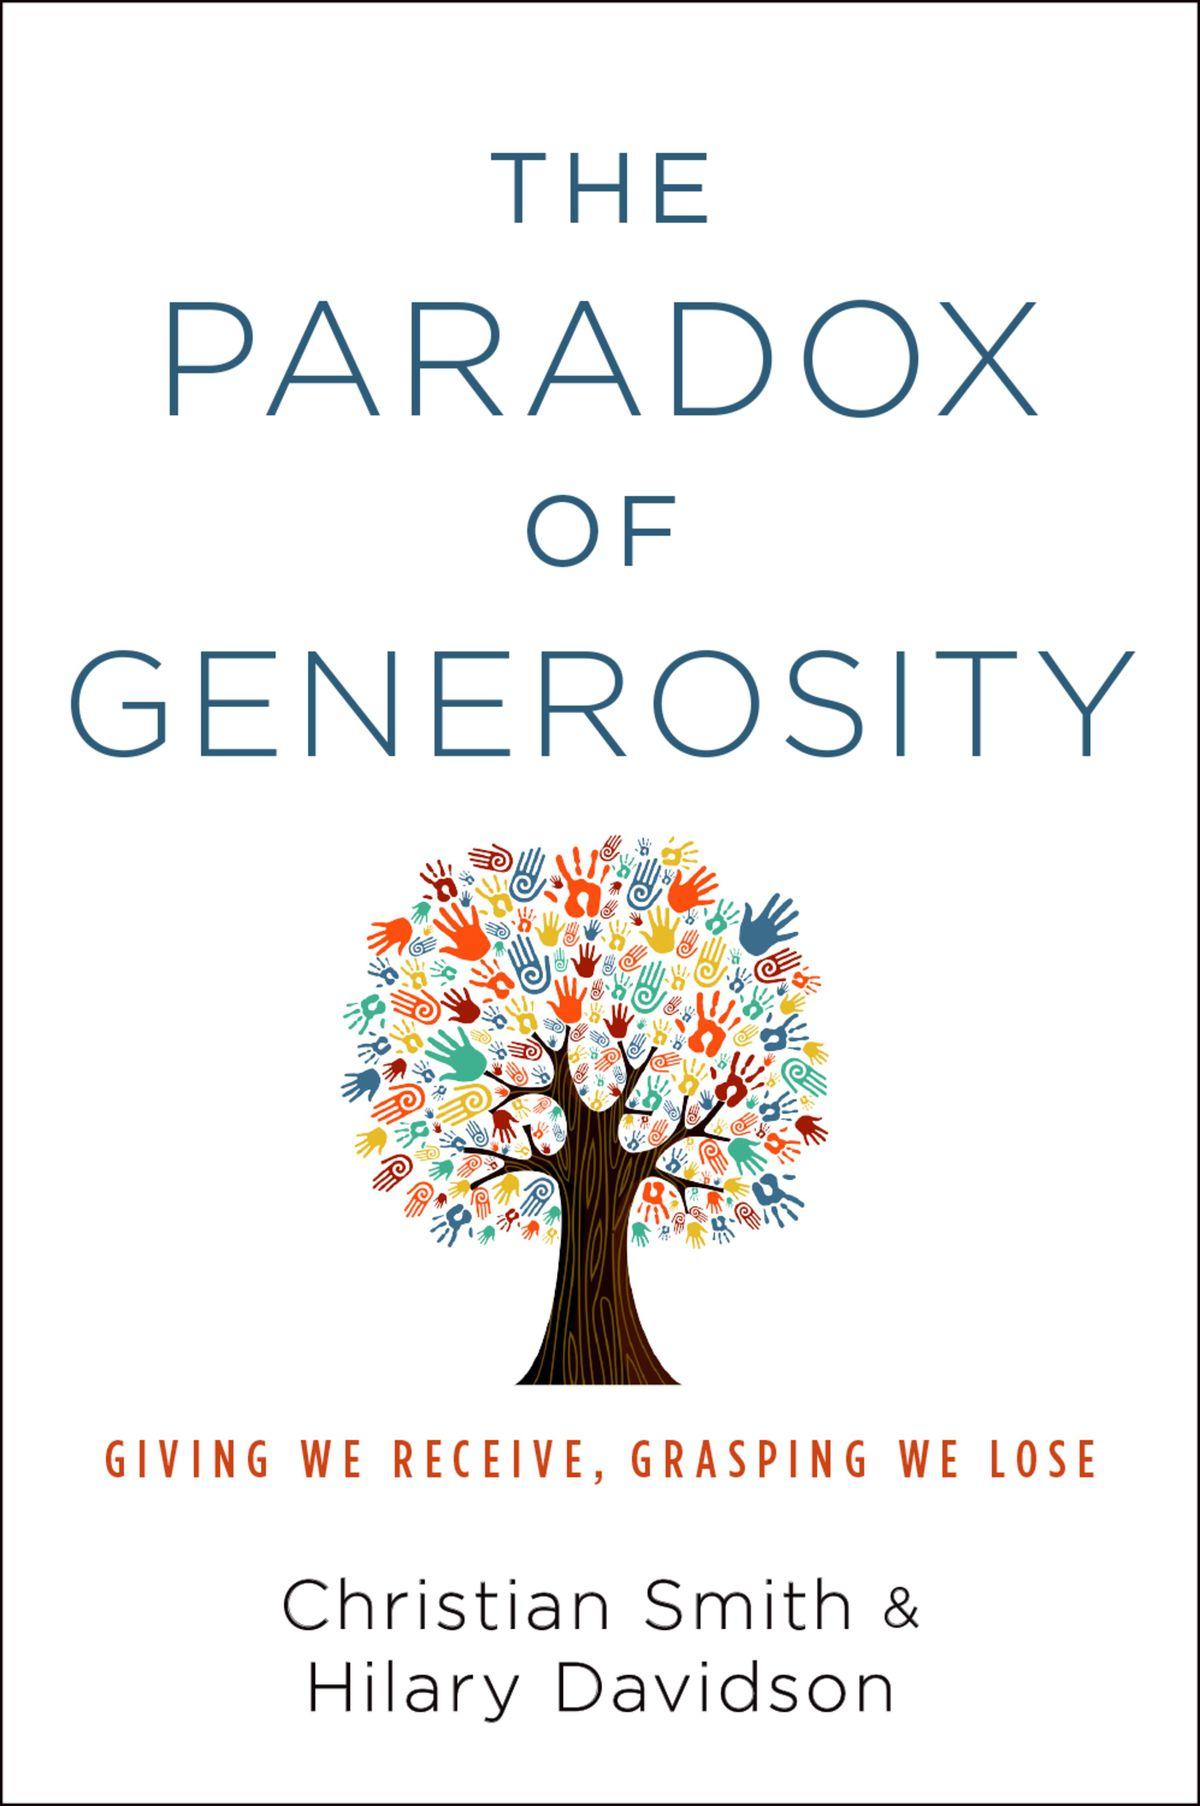 ParadoxGenerosity